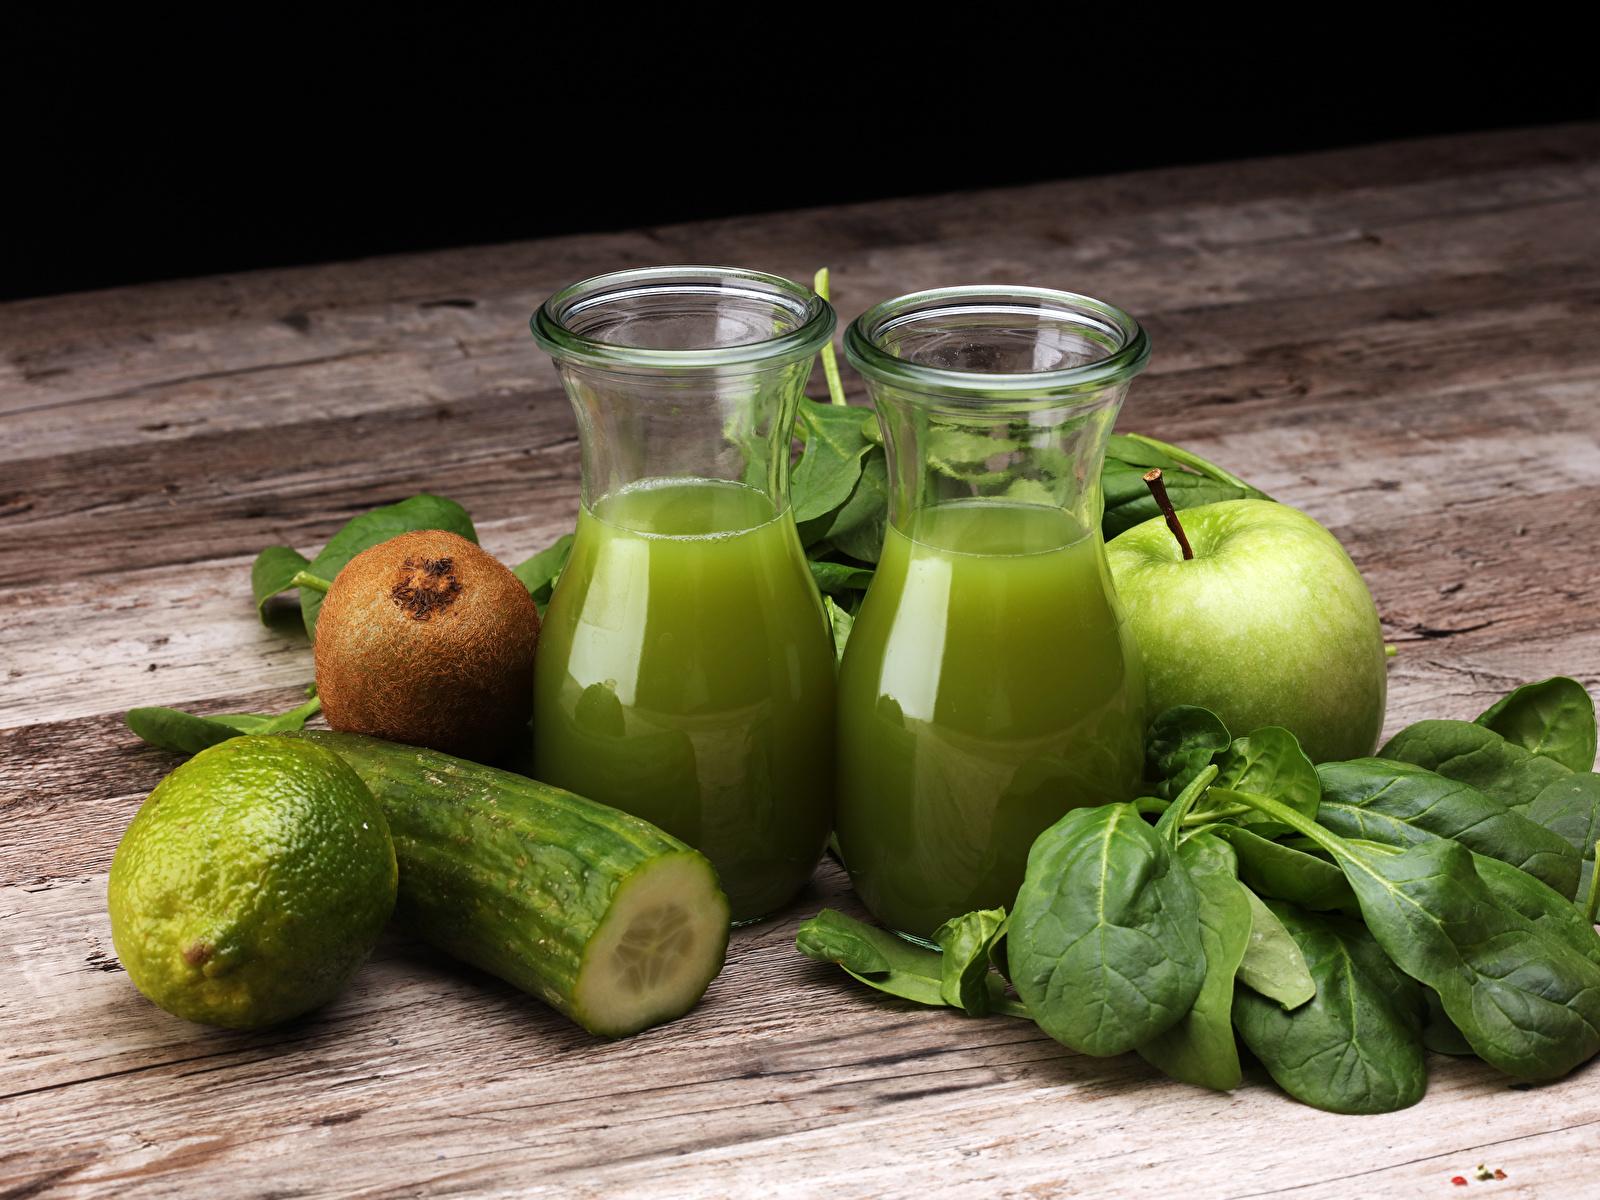 Обои Сок Лайм Огурцы Зеленый Киви Стакан Яблоки Еда Доски 1600x1200 Пища Продукты питания